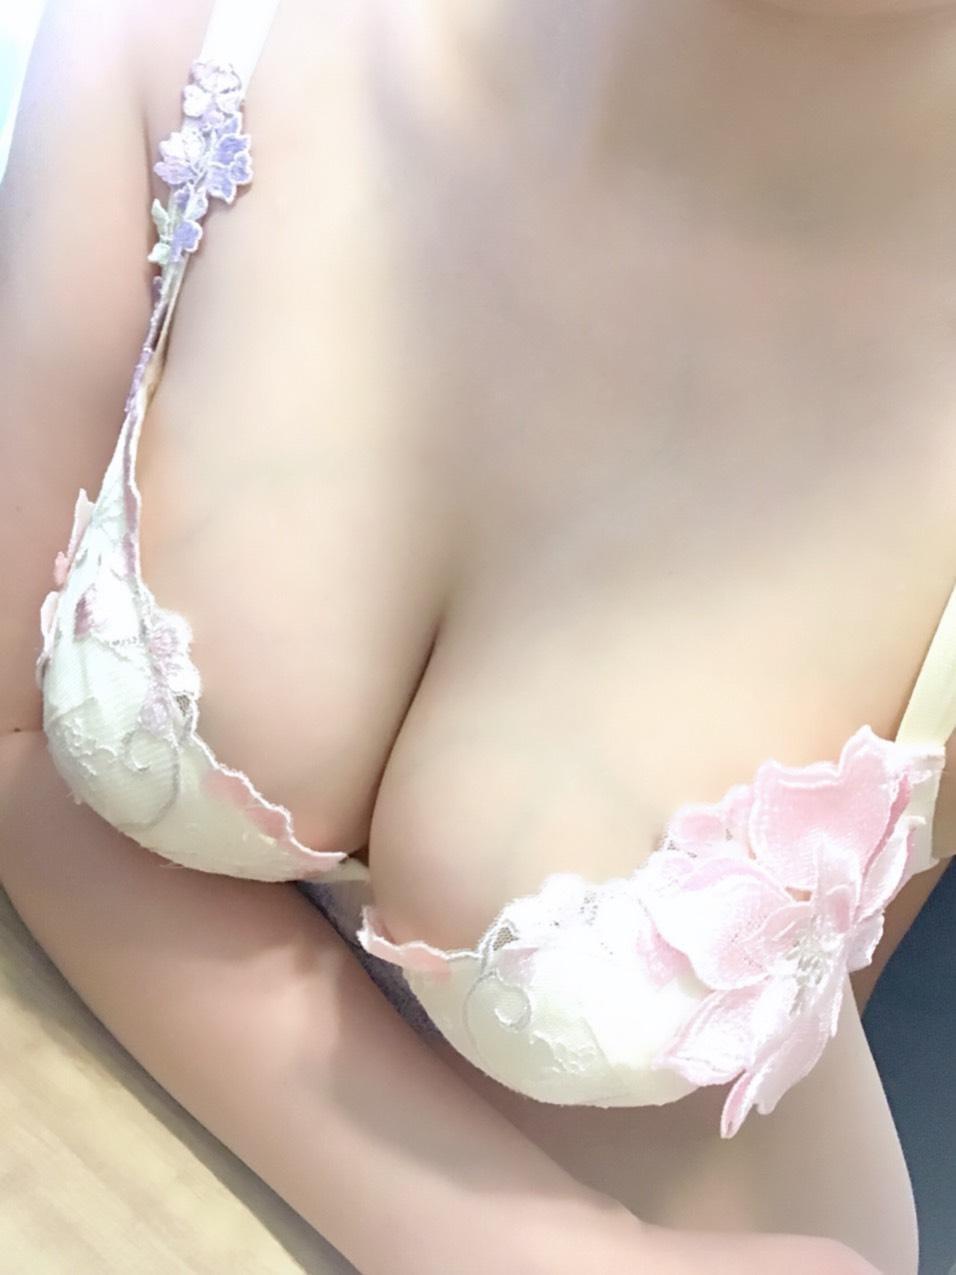 「こんばんは♡」11/13(火) 01:57   川崎 みれいの写メ・風俗動画